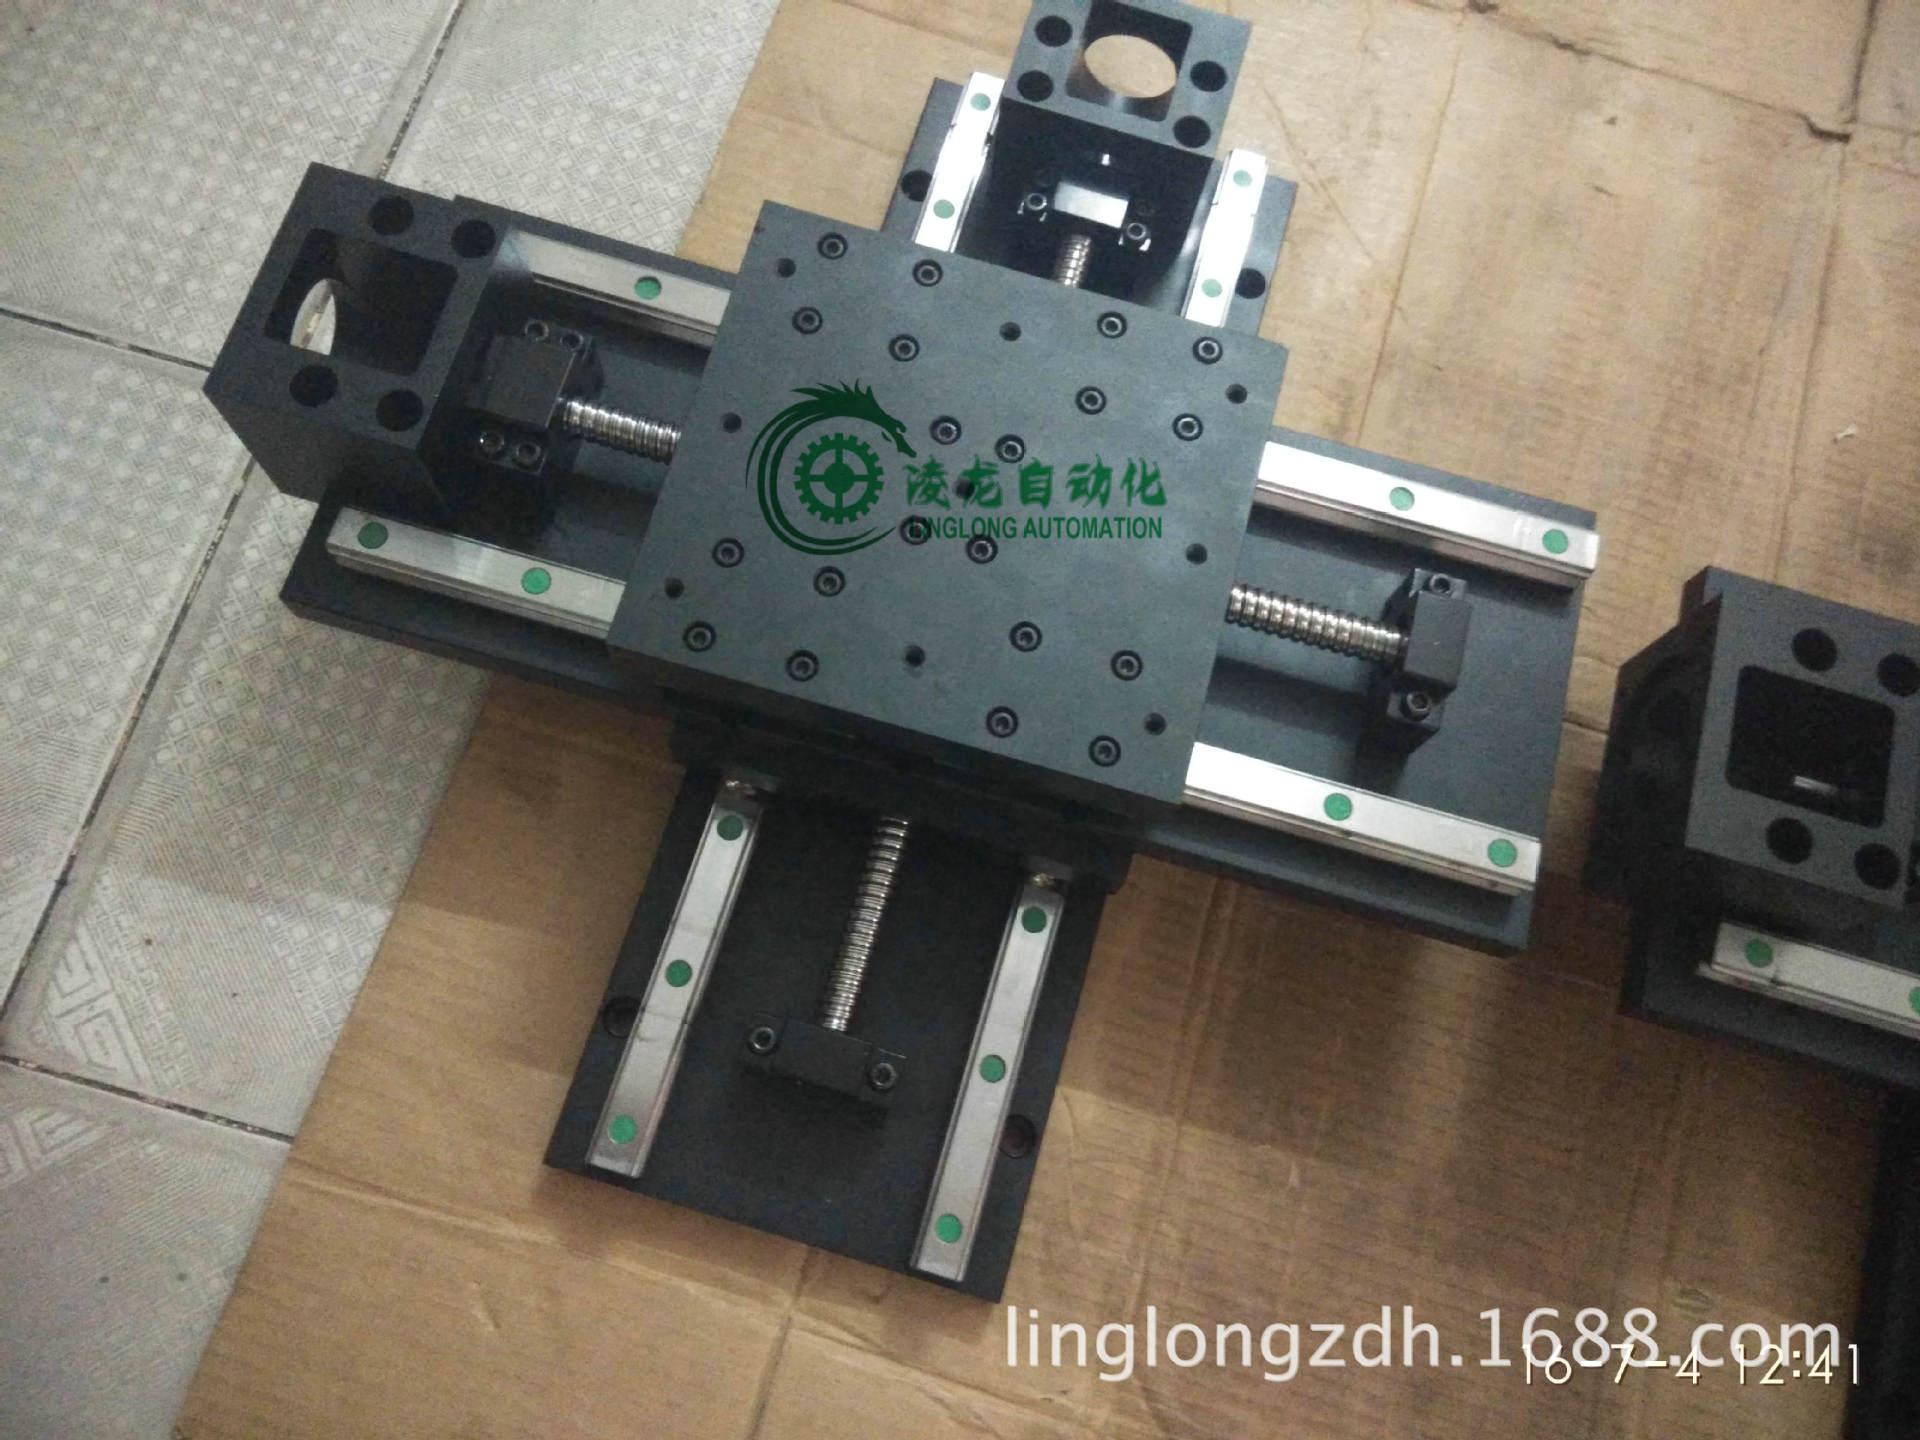 精密手动滑台 精密机构滑台 数控滑台 自动化设备配套滑台